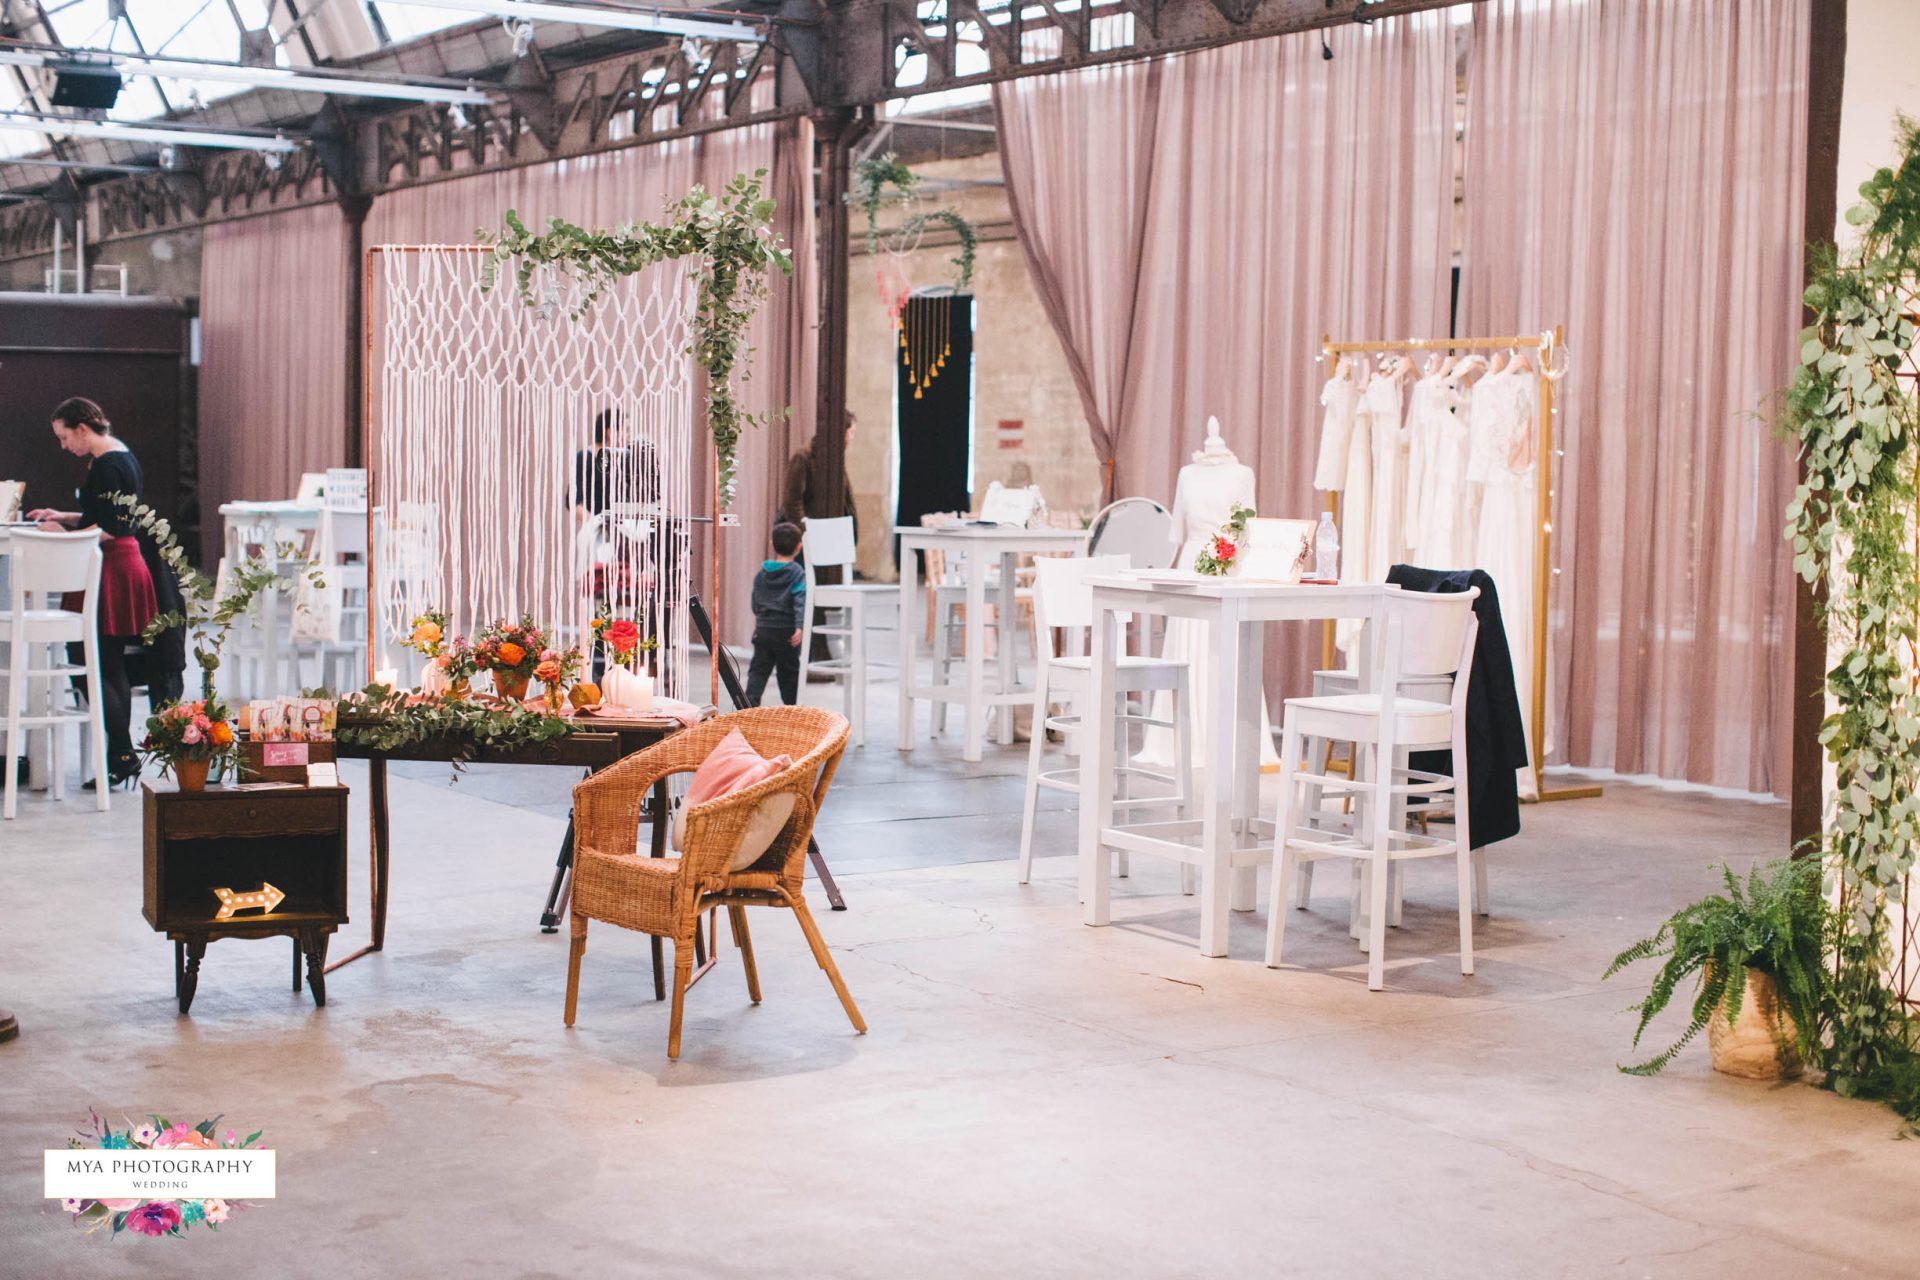 maison du mariage bordeaux affordable villa tosca photographe davidone mariage with maison du. Black Bedroom Furniture Sets. Home Design Ideas